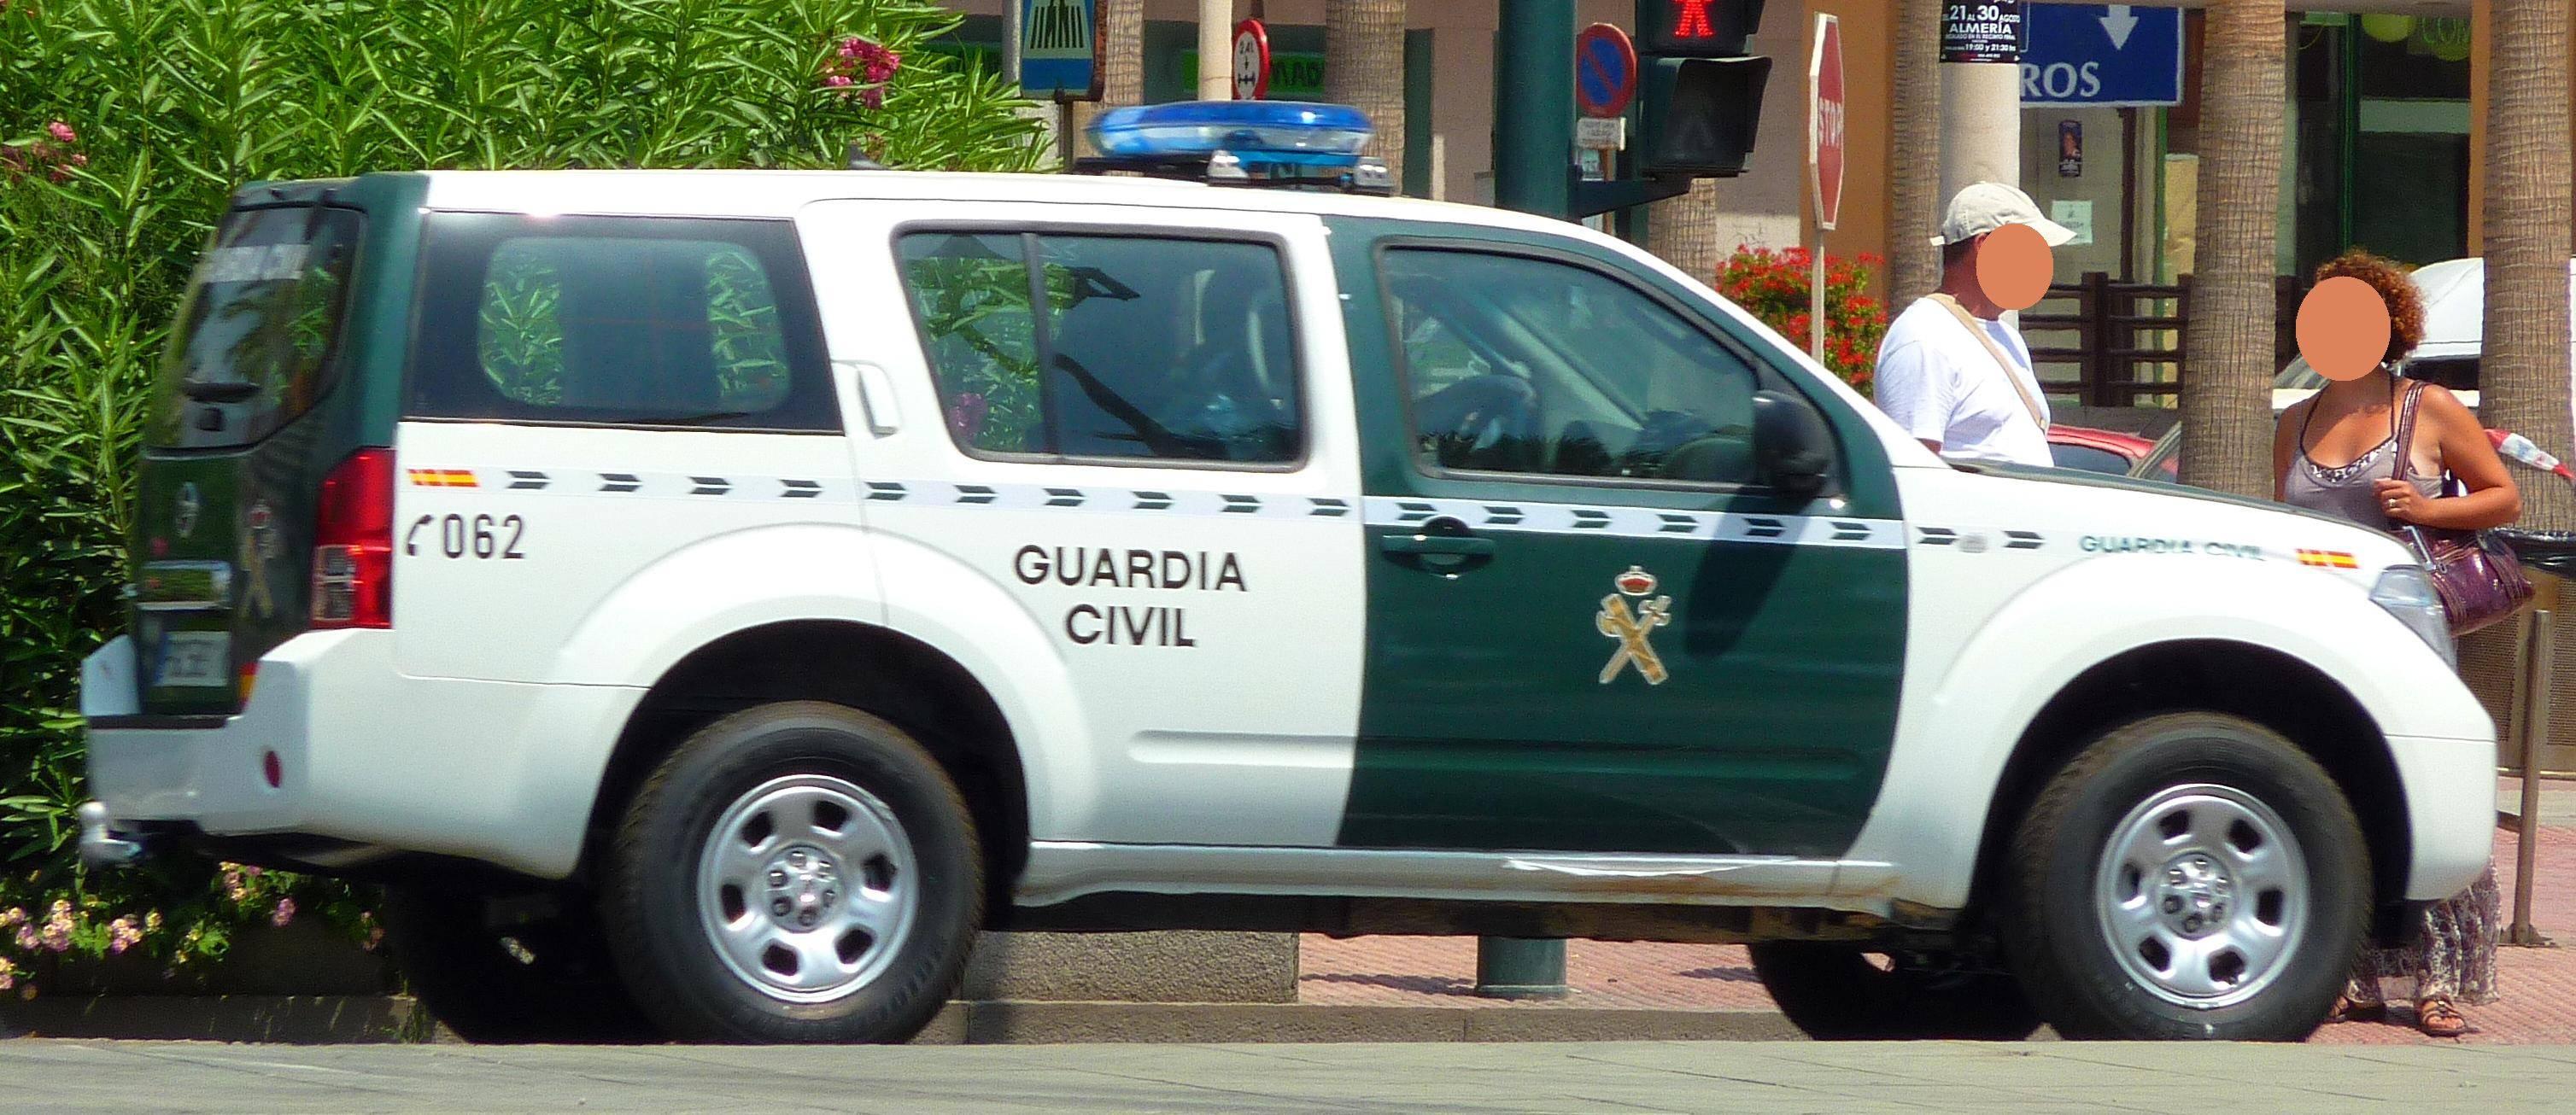 Nissan Pathfinder de la Guardia Civil - La Guardia Civil detiene en Herencia a una persona por simulación de un delito